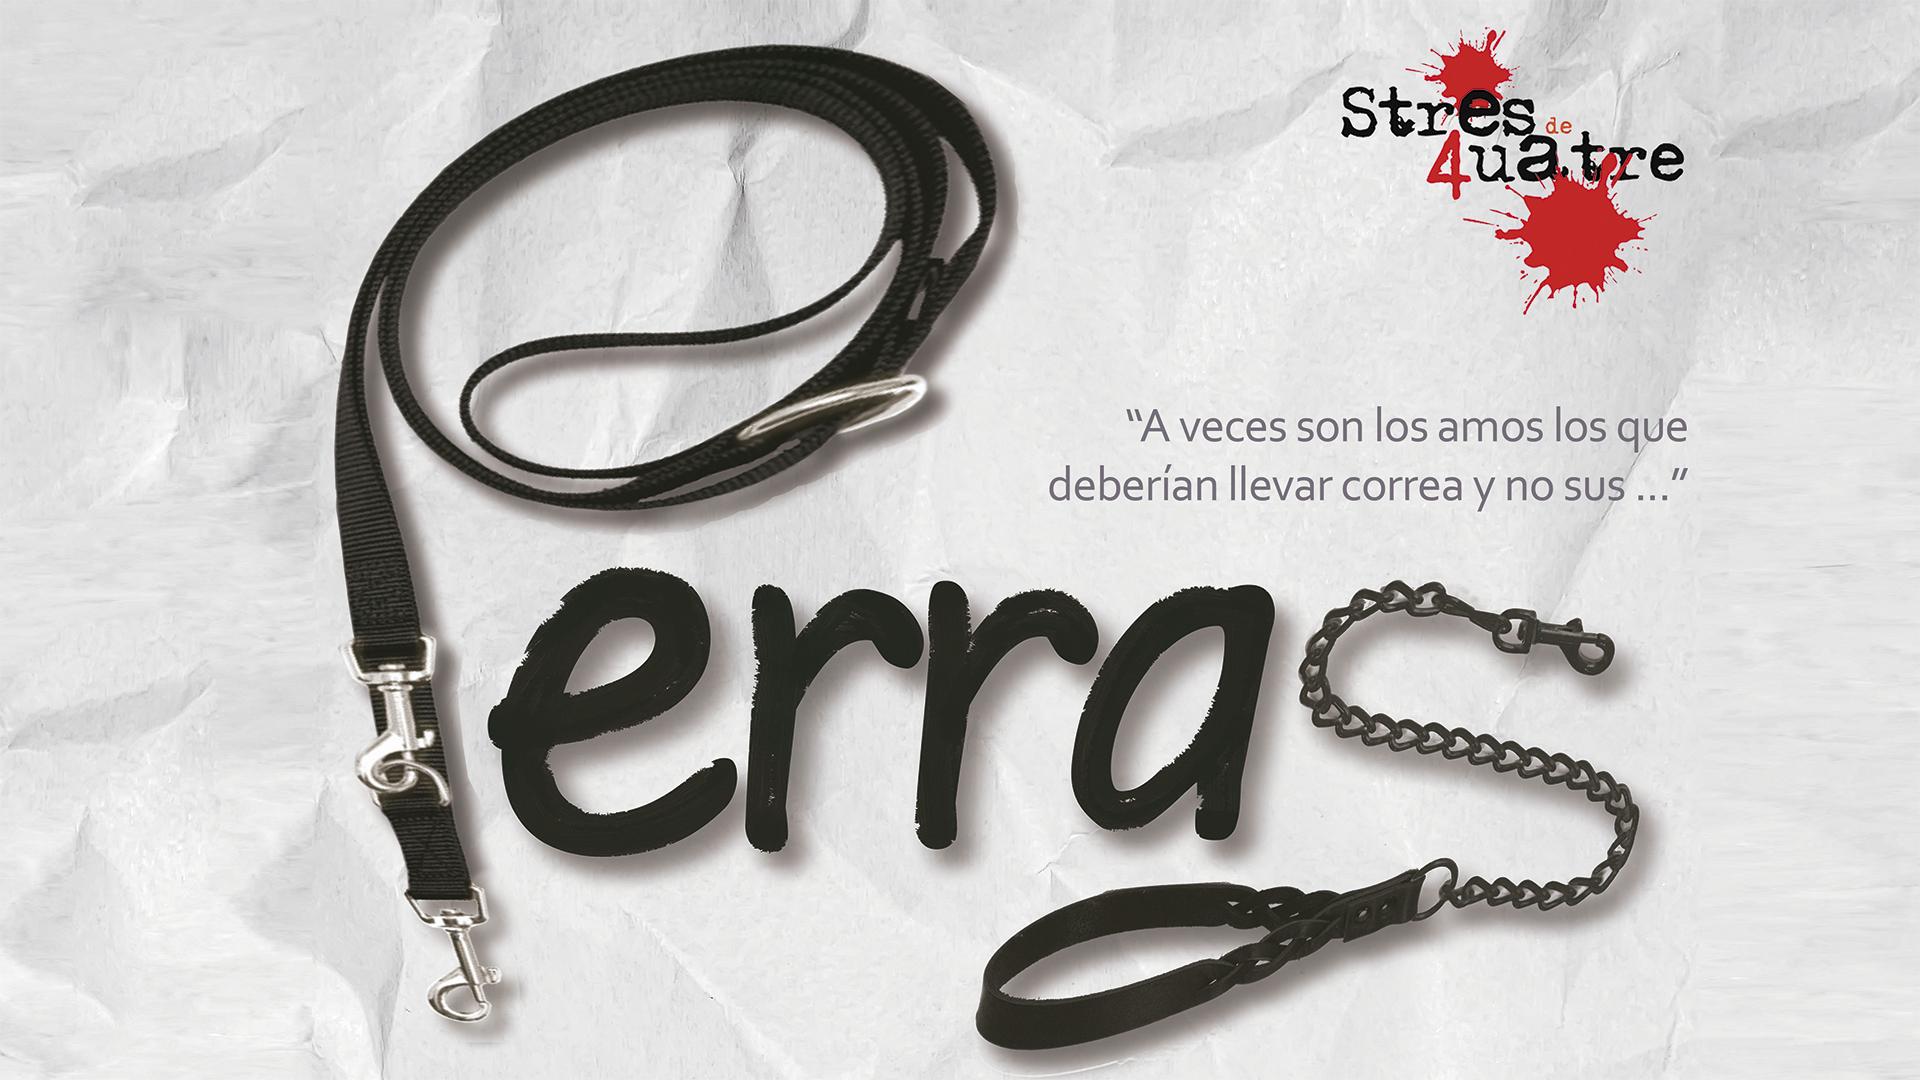 Imagen galeria PERRAS